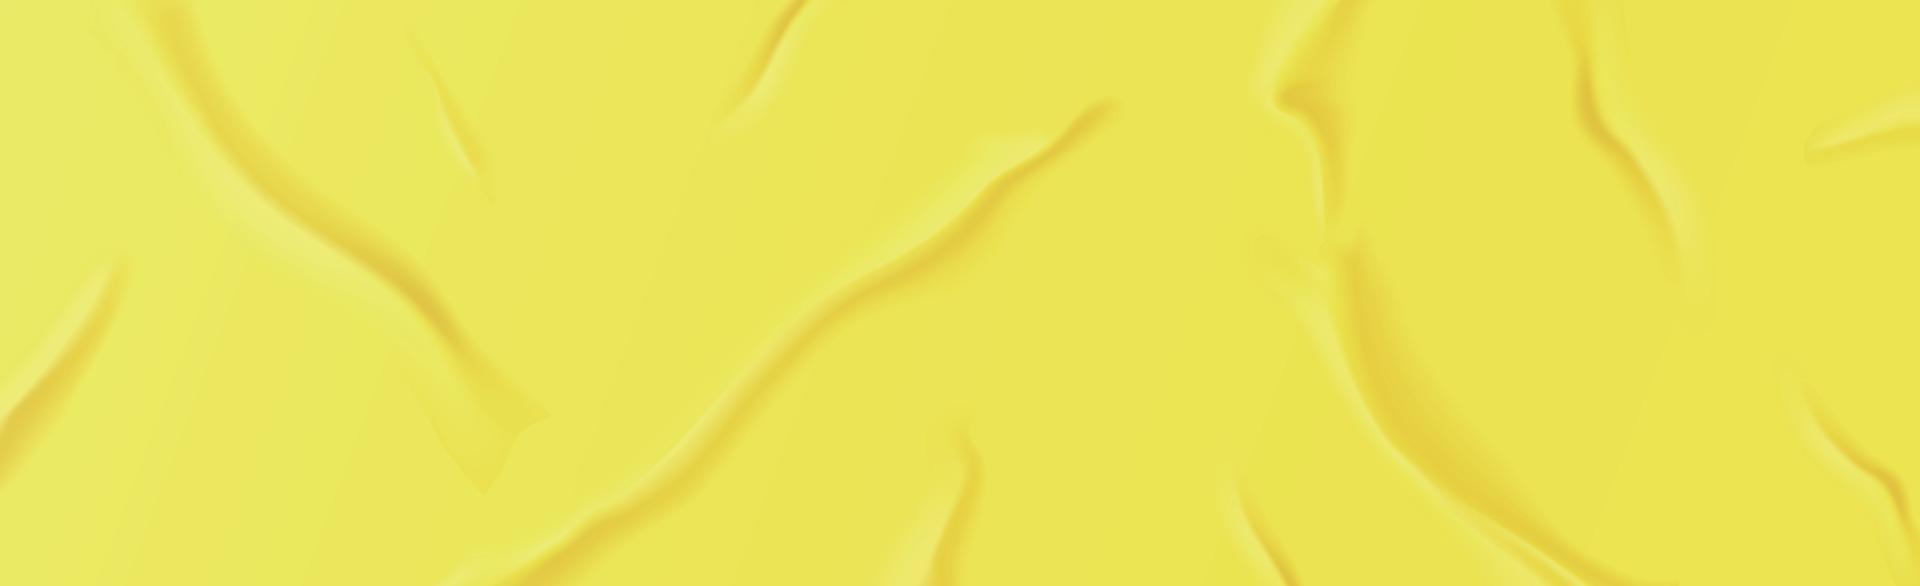 realistisk skrynklig gul bakgrundsstruktur, veck - vektor